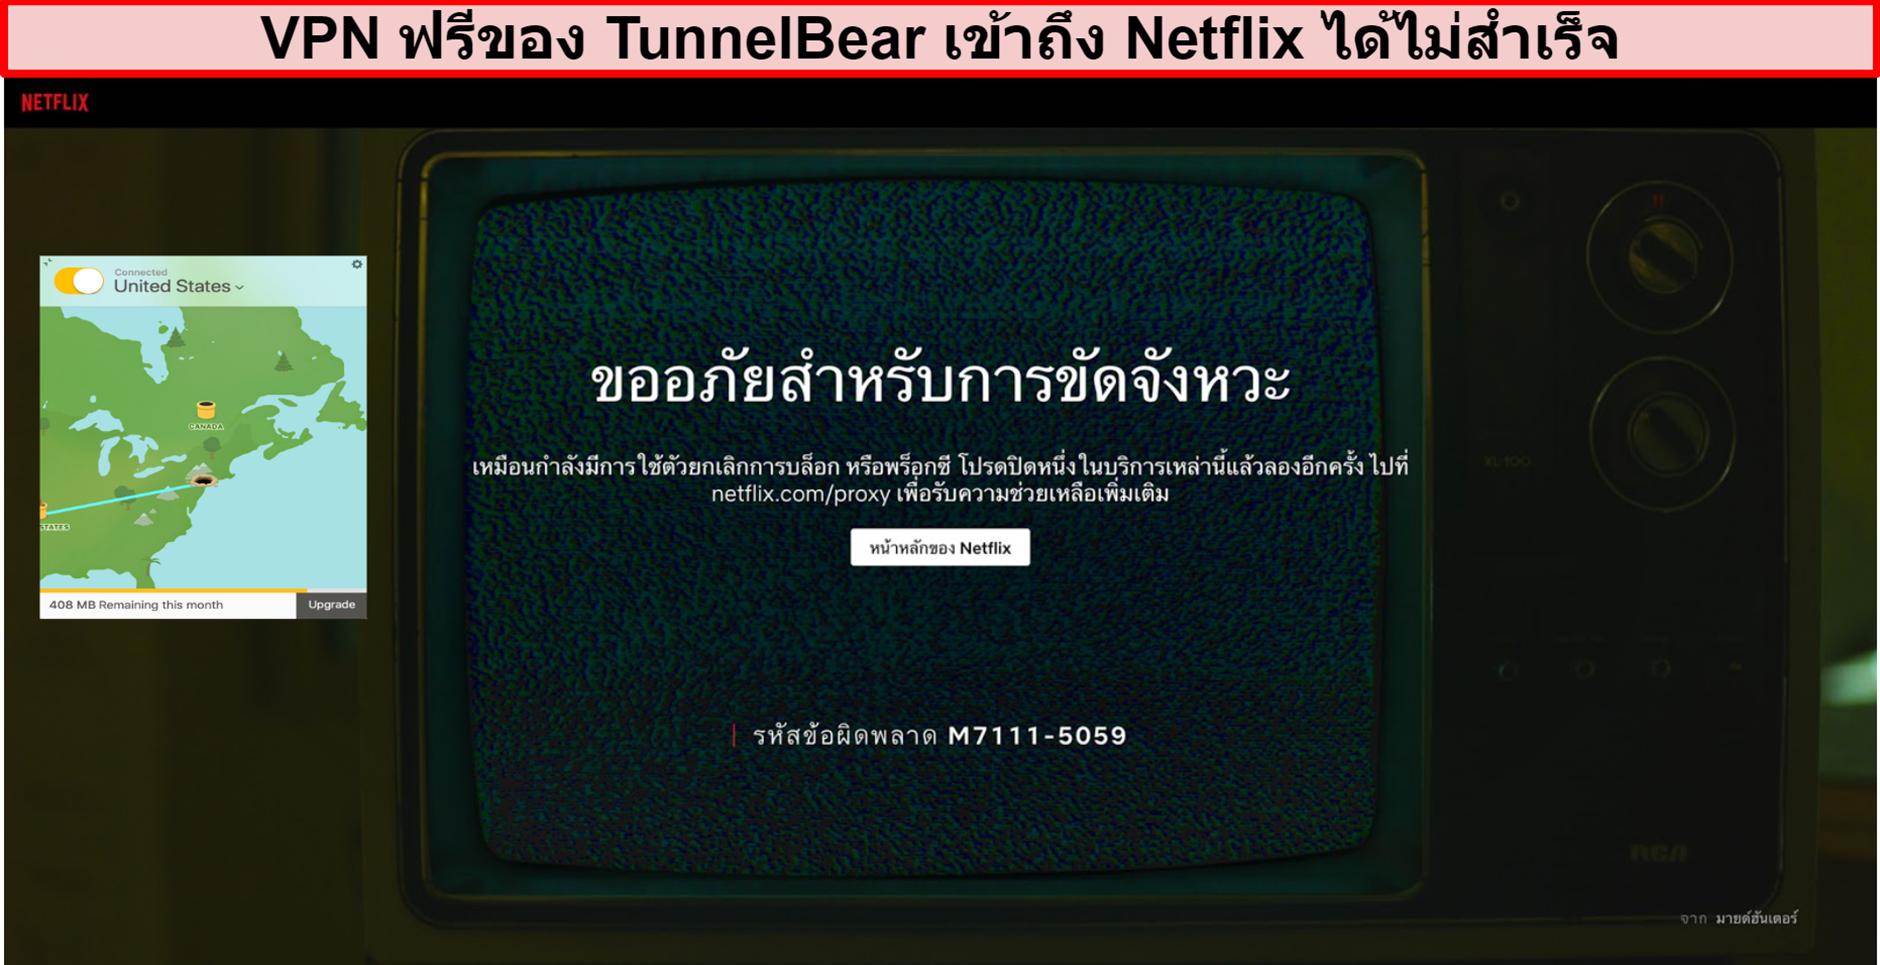 สกรีนช็อตของ TunnelBear VPN เชื่อมต่อกับสหรัฐอเมริกาด้วย Netflix แสดงข้อความแจ้งข้อผิดพลาด unblocker หรือ proxy